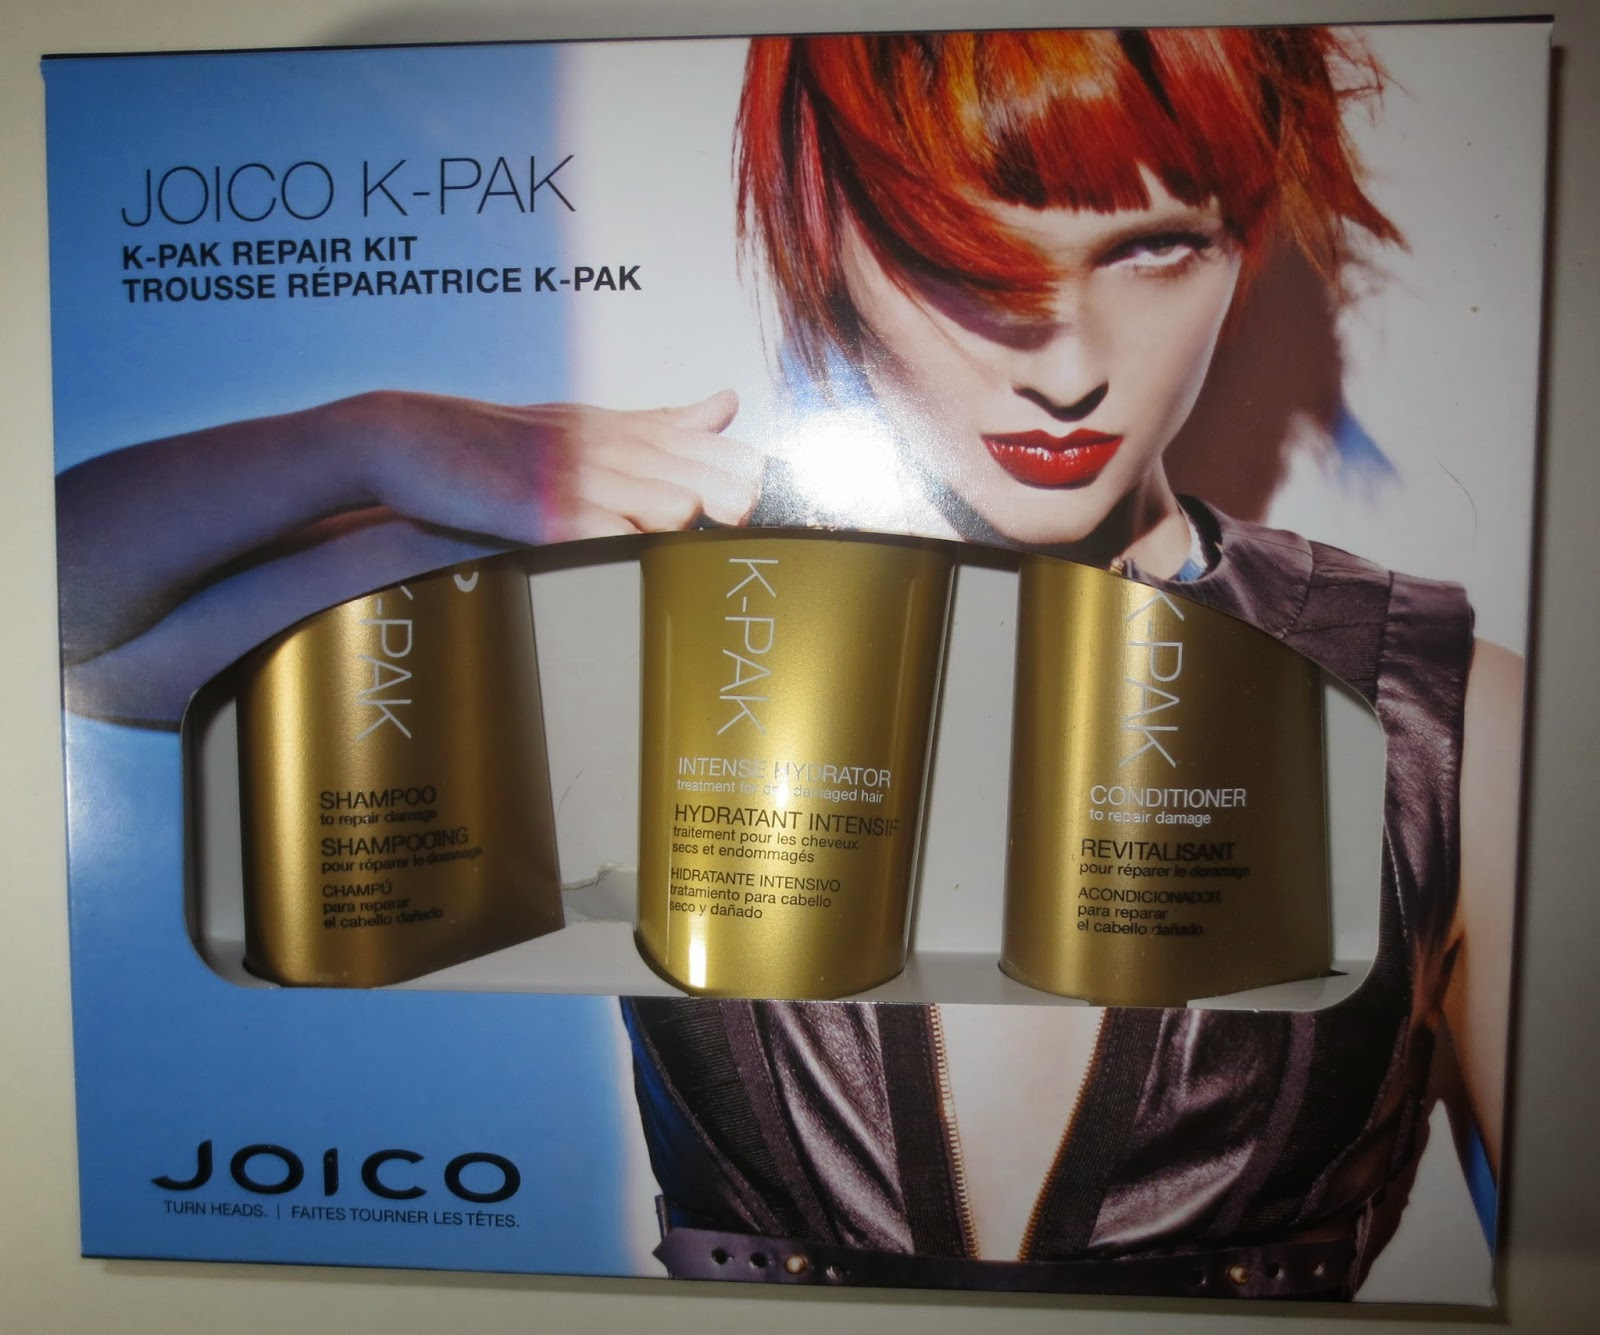 Joico K-PAK Repair Kit